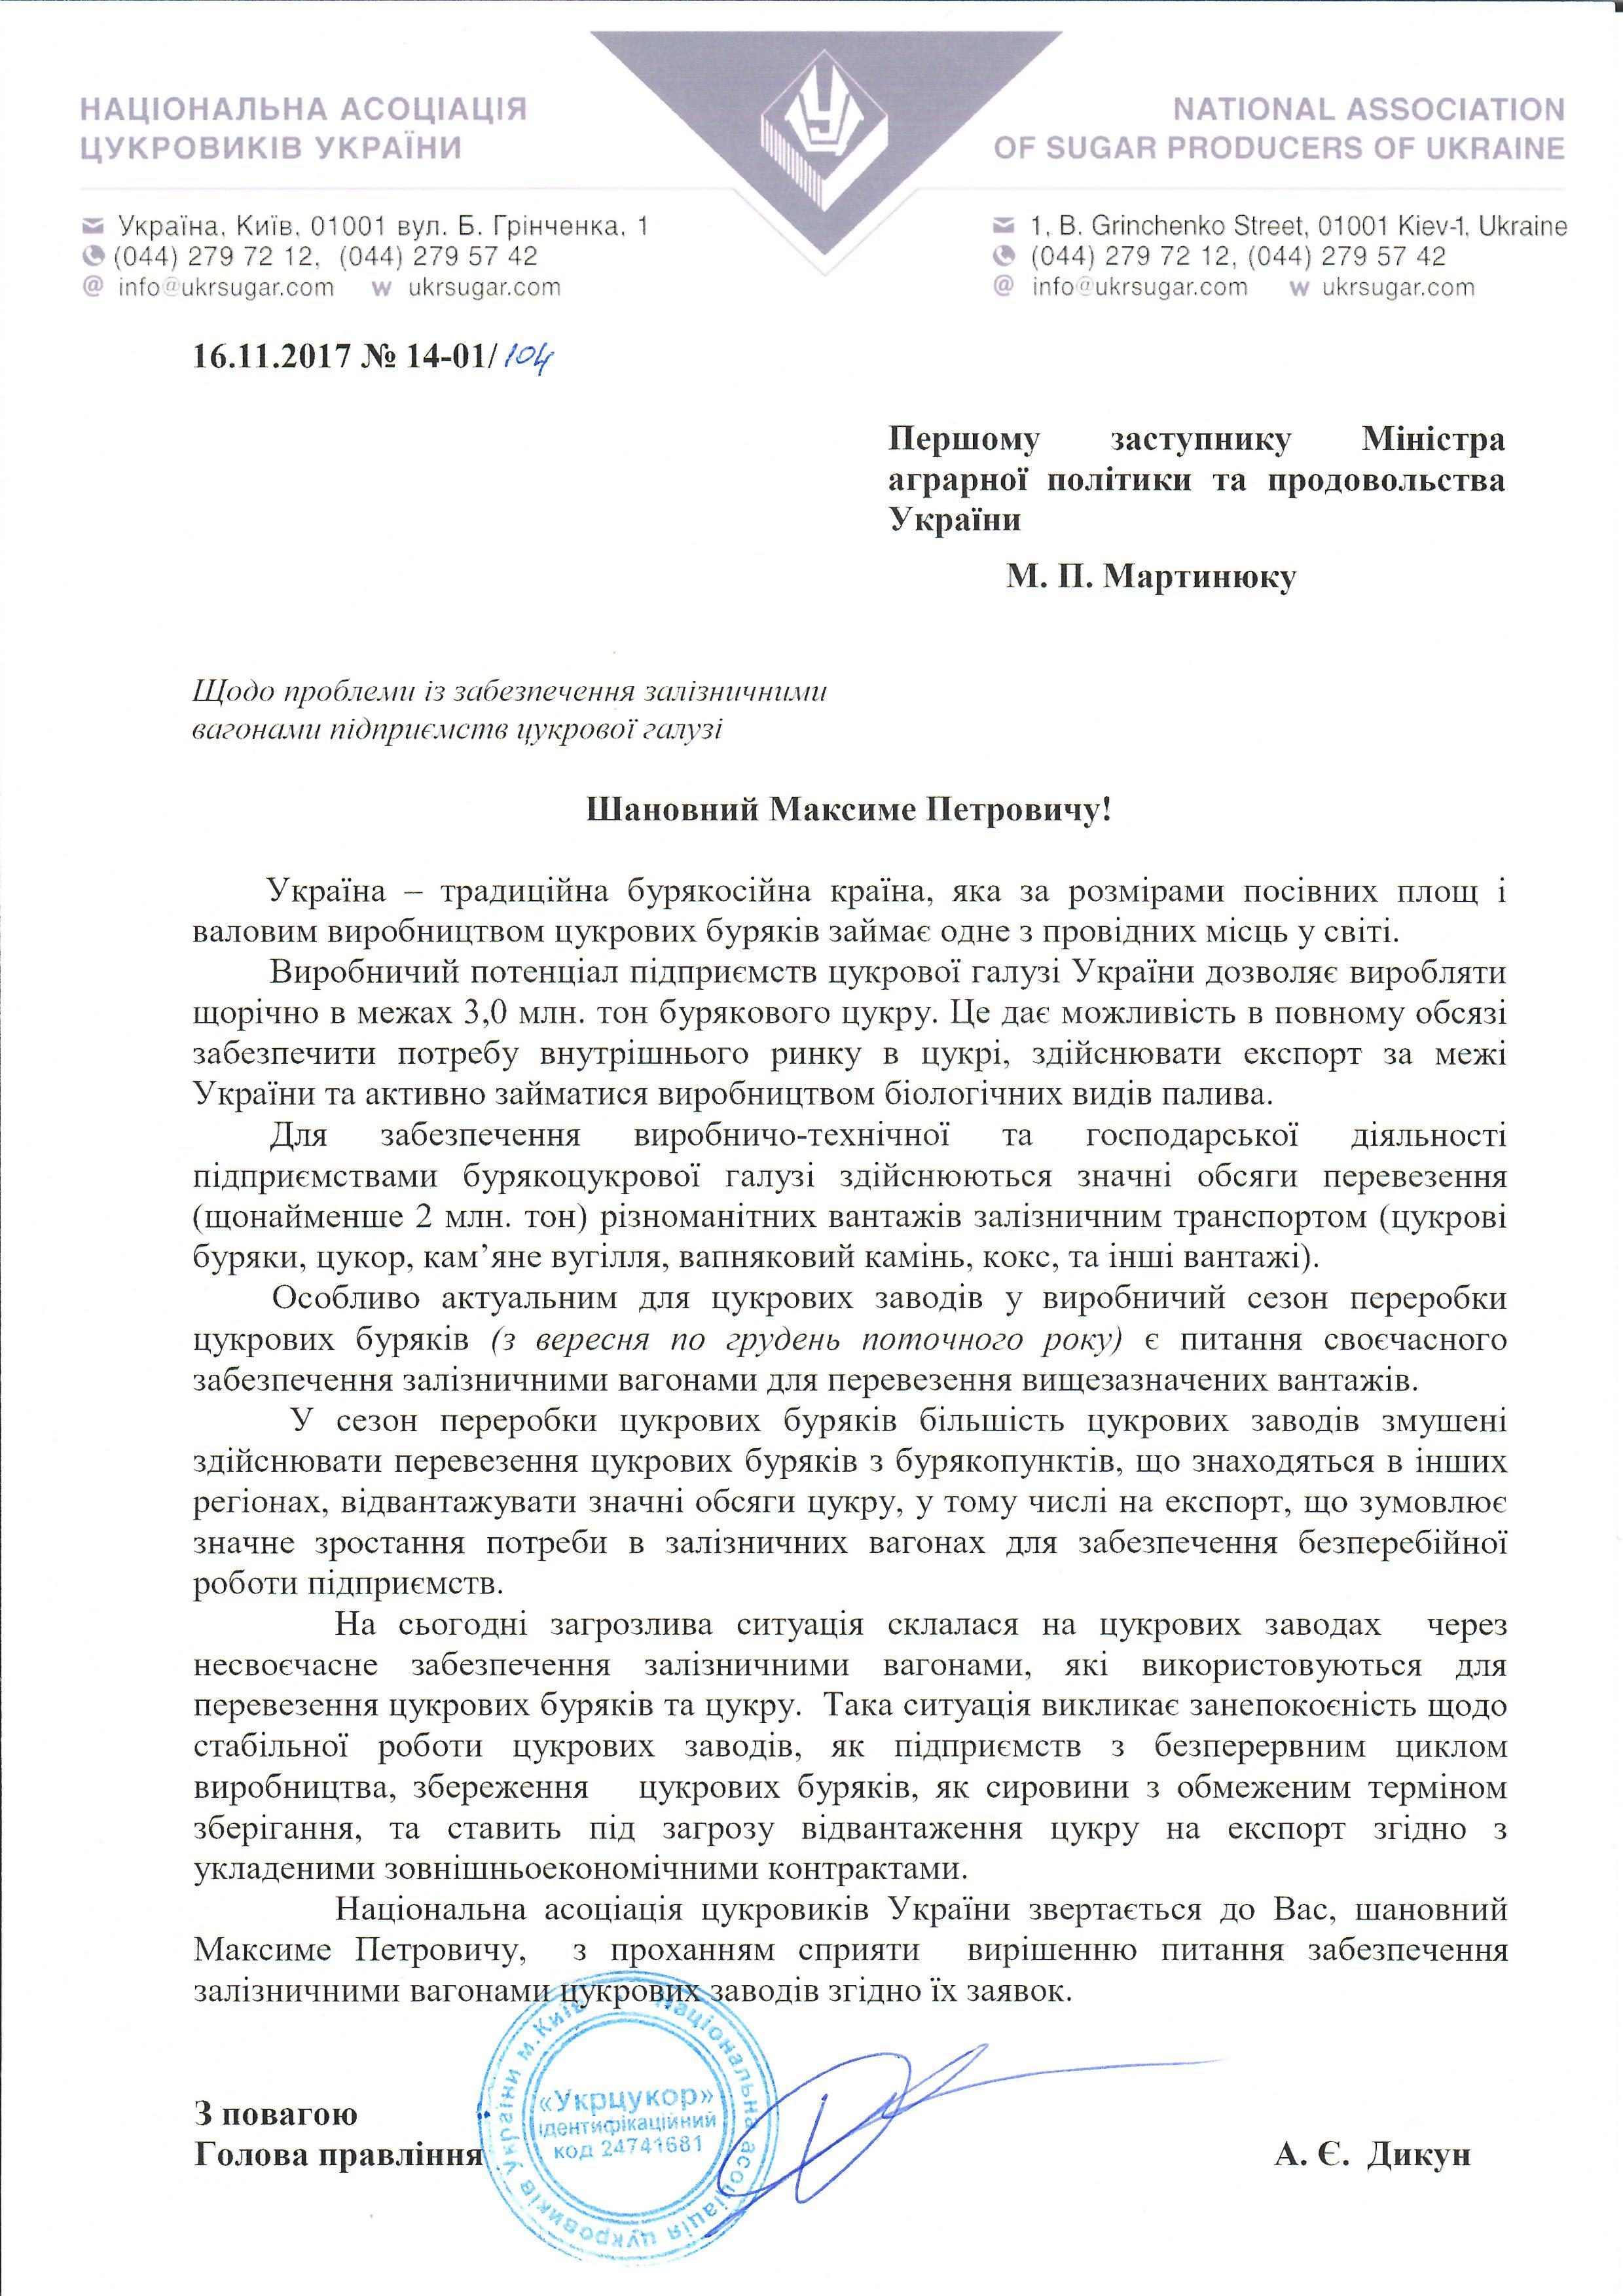 Обращение ассоциации к Максиму Мартынюку